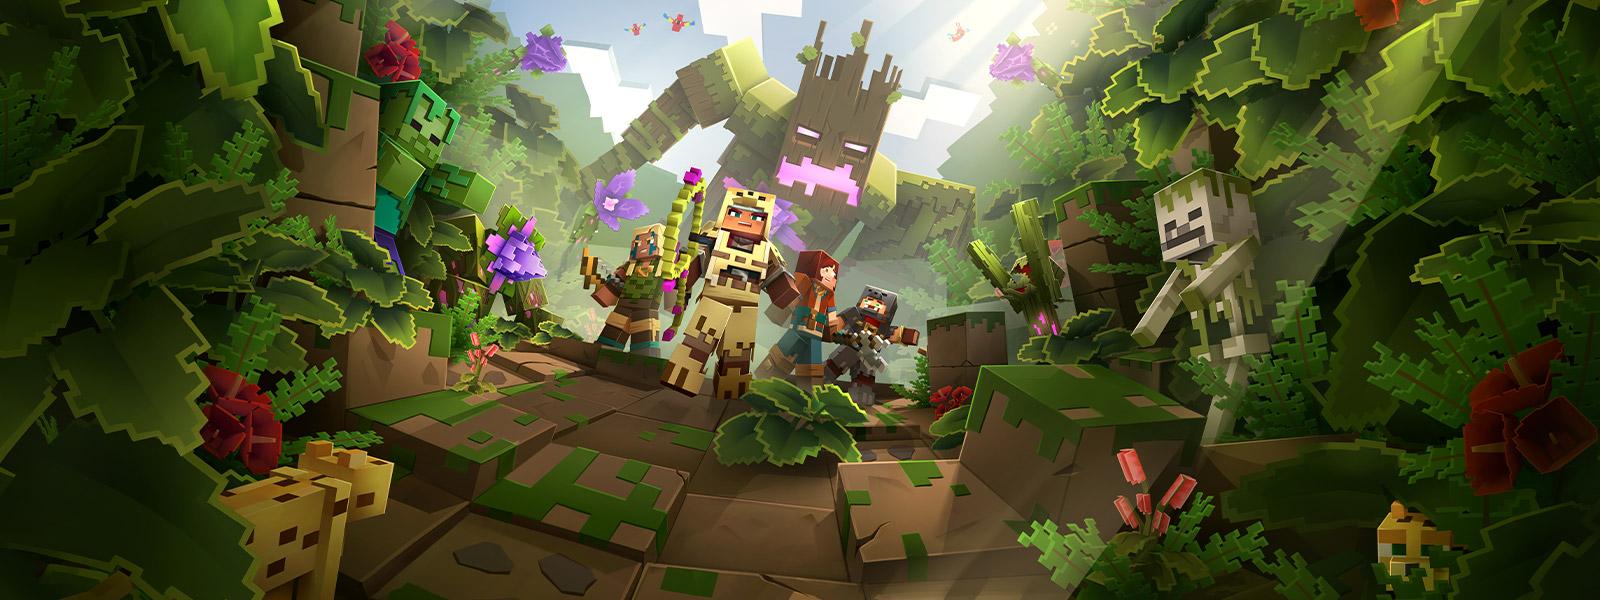 Quatro personagens do Minecraft Dungeons na selva com um grande monstro de árvore atrás delas